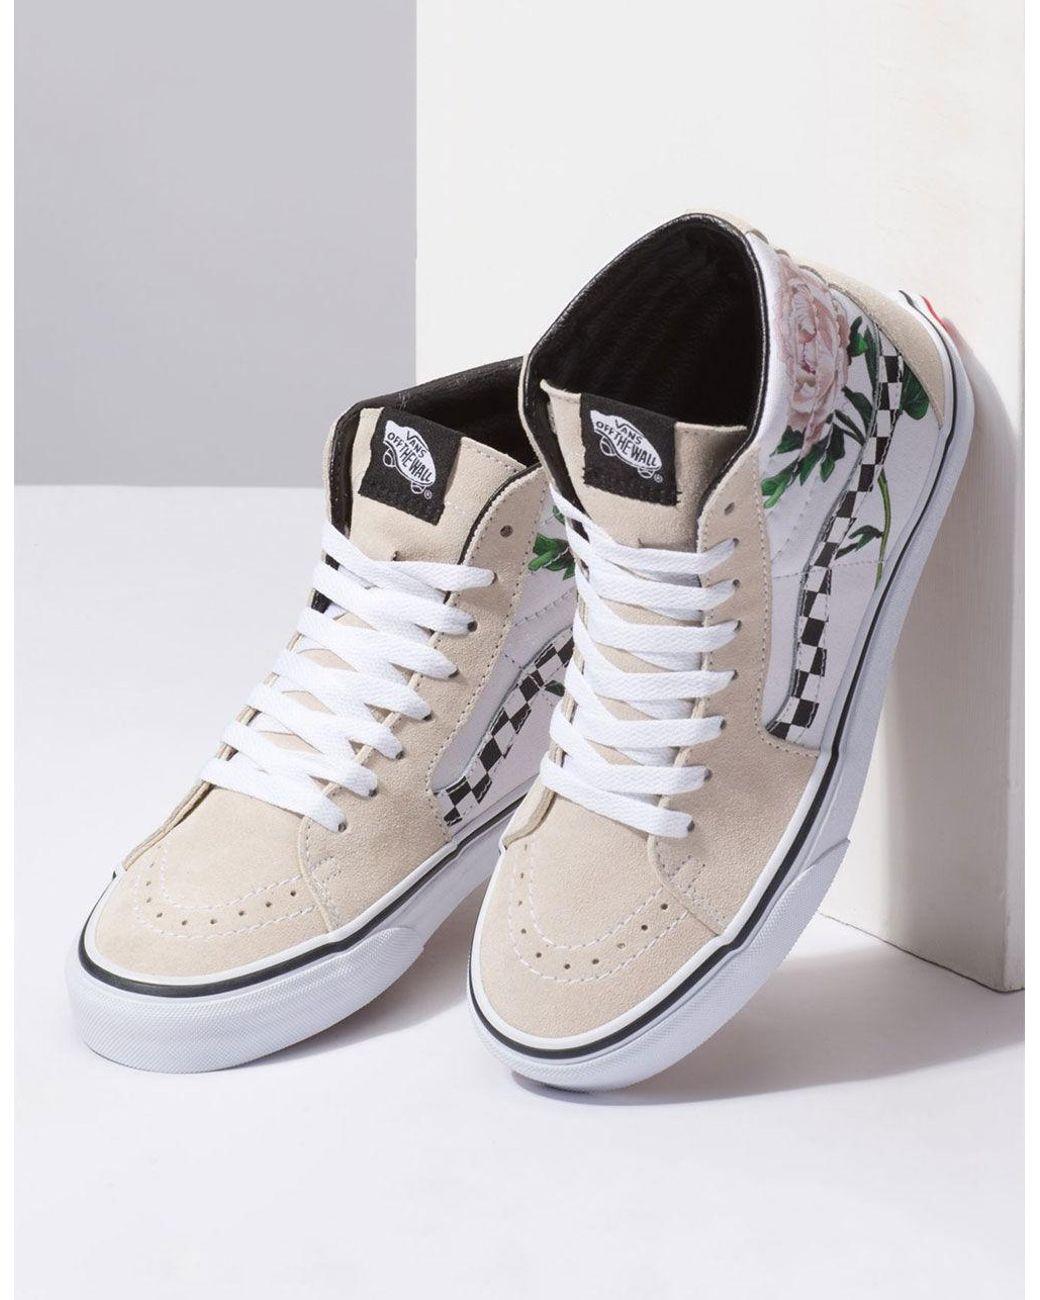 1dd82901d3a55e Lyst - Vans Sk8-hi Checker Floral Womens Shoes